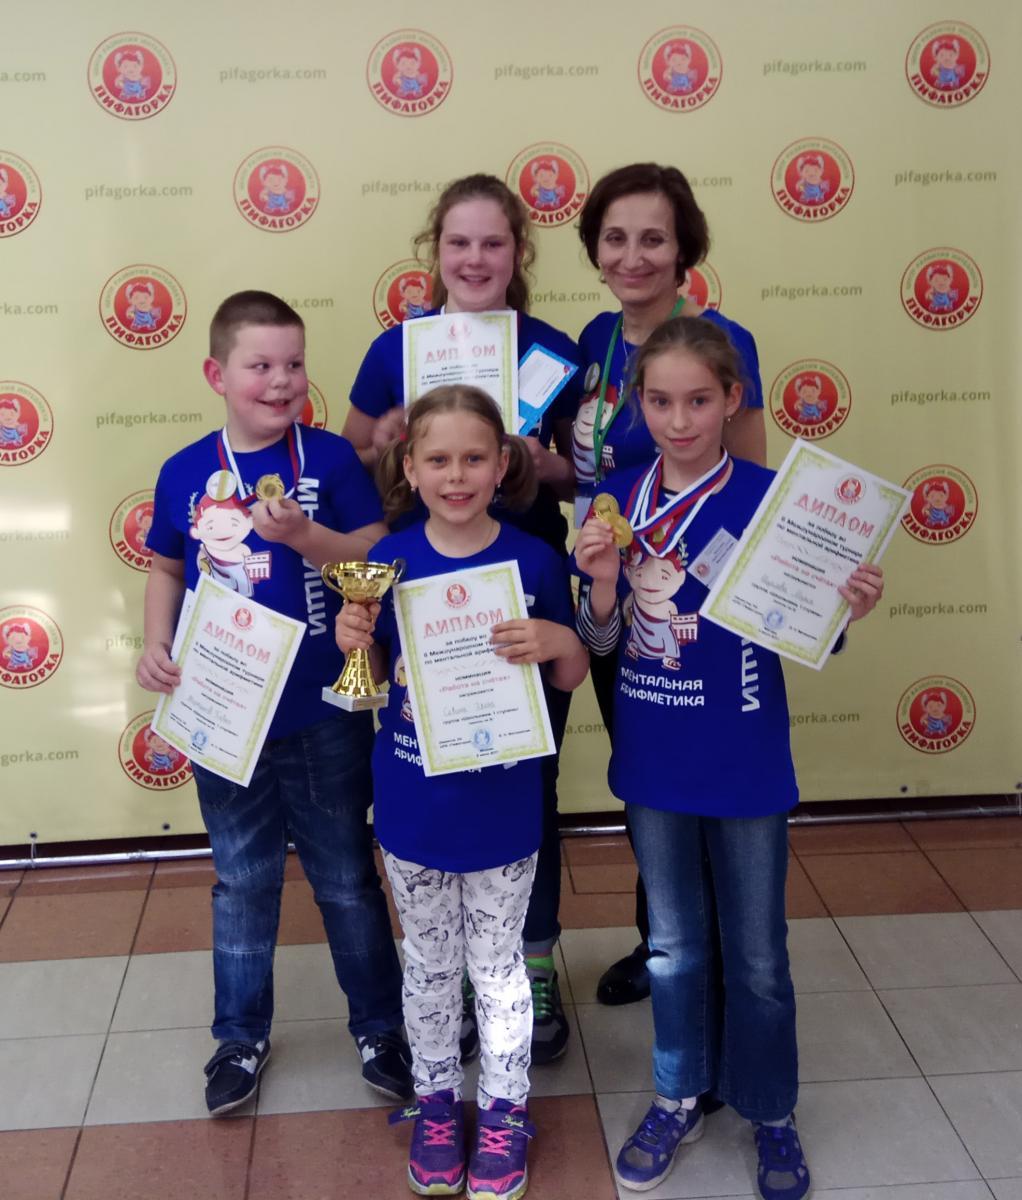 Второй международный турнир по Ментальной арифметике - Пифагорка Мытищи